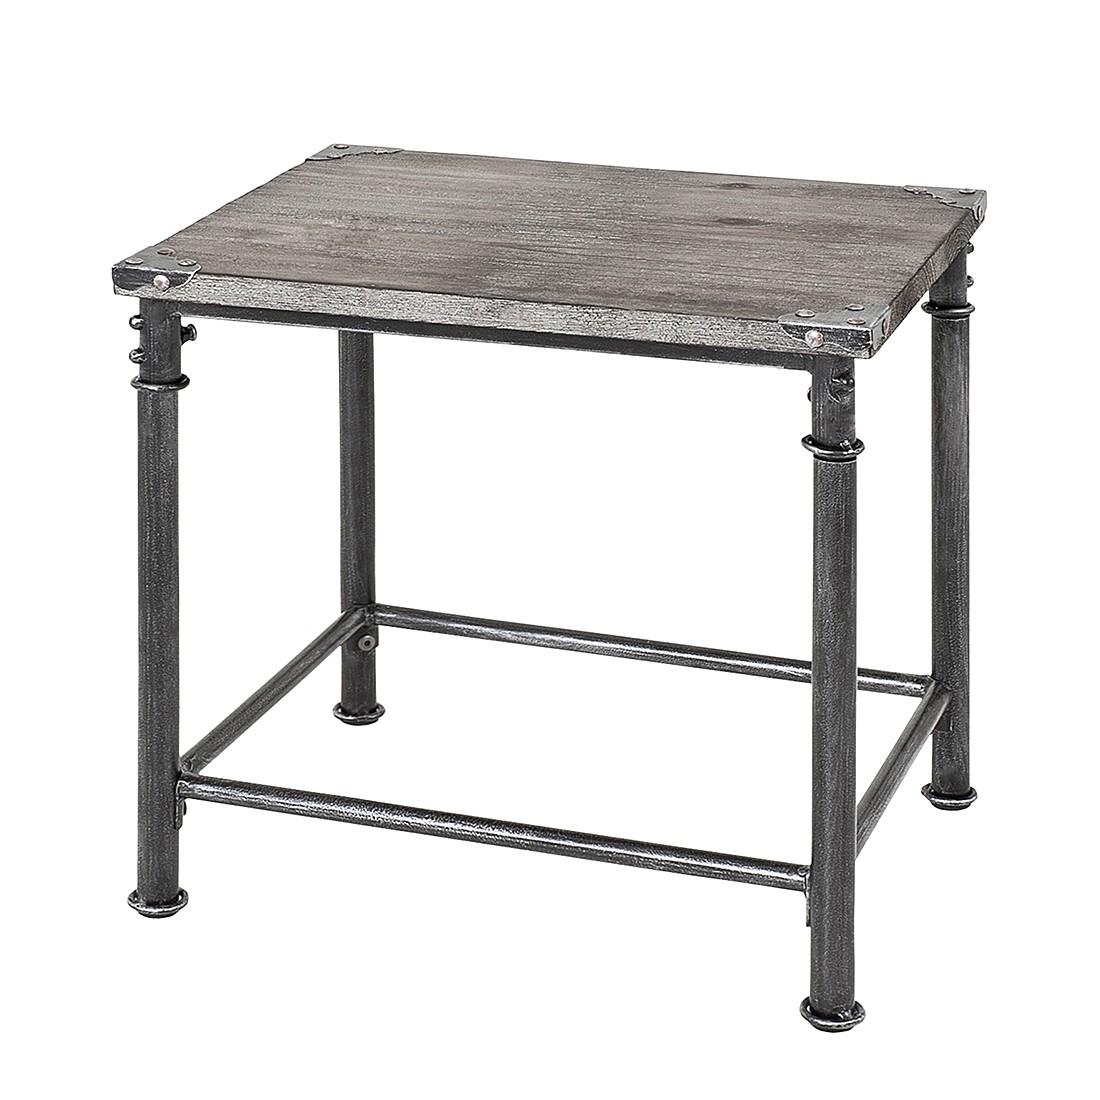 Tavolino doubs i - acciaio/legno massello anticato nero/grigio sbiancato, ars manufacti